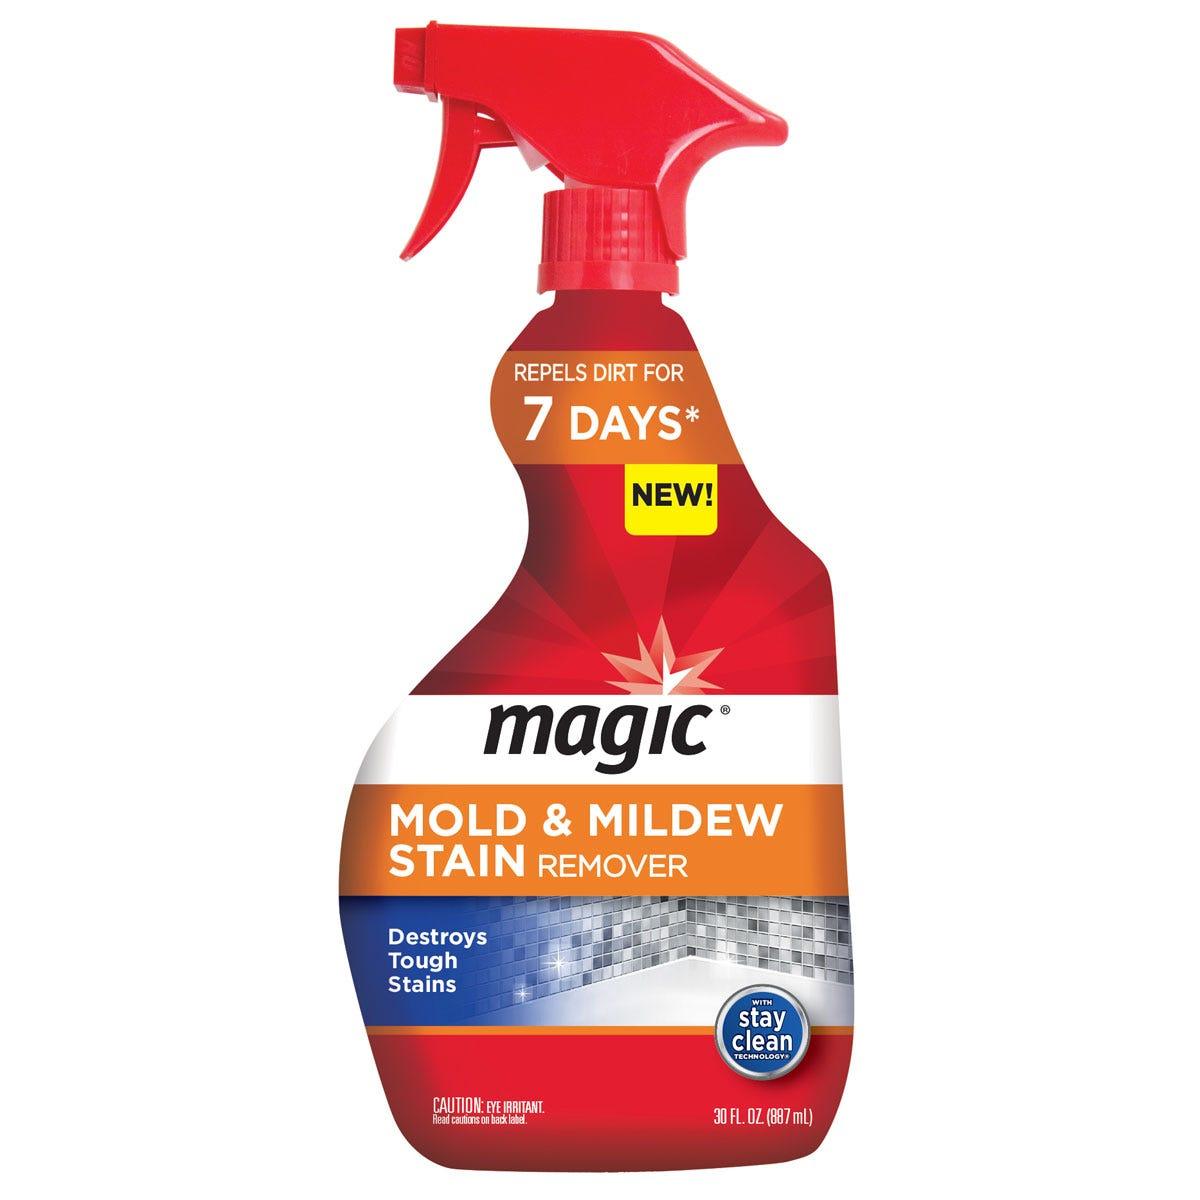 https://googone.com/media/catalog/product/m/i/mildew-stain-remover_front_2_.jpg